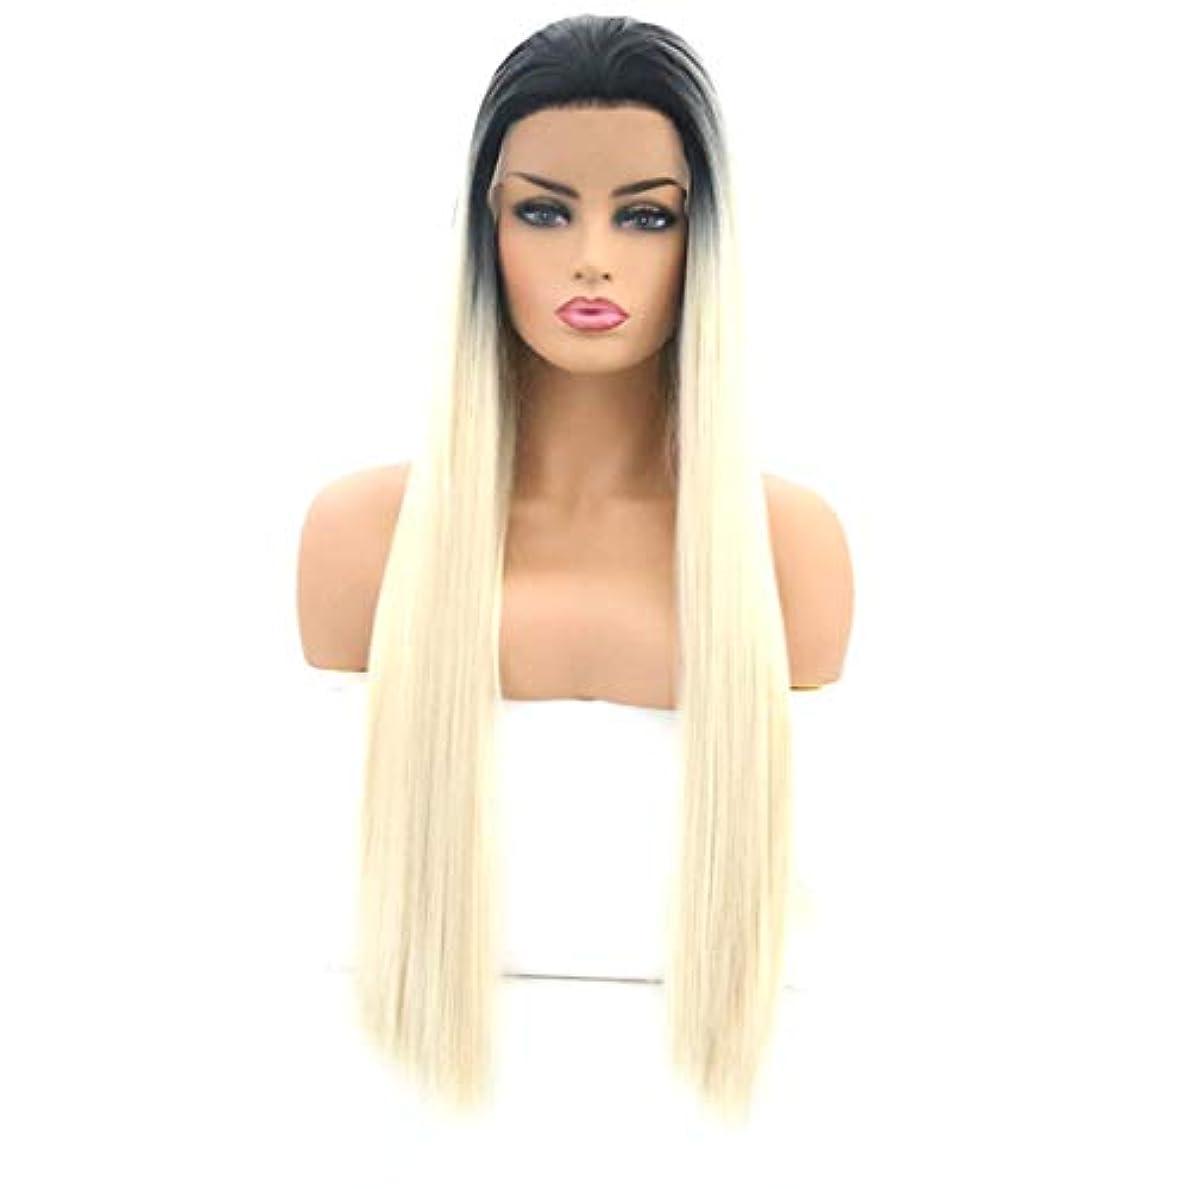 吐き出すかわいらしいありがたいKerwinner 女性のためのロングストレートヘアウィッグフロントレース高温シルクウィッグセット (Size : 18 inches)